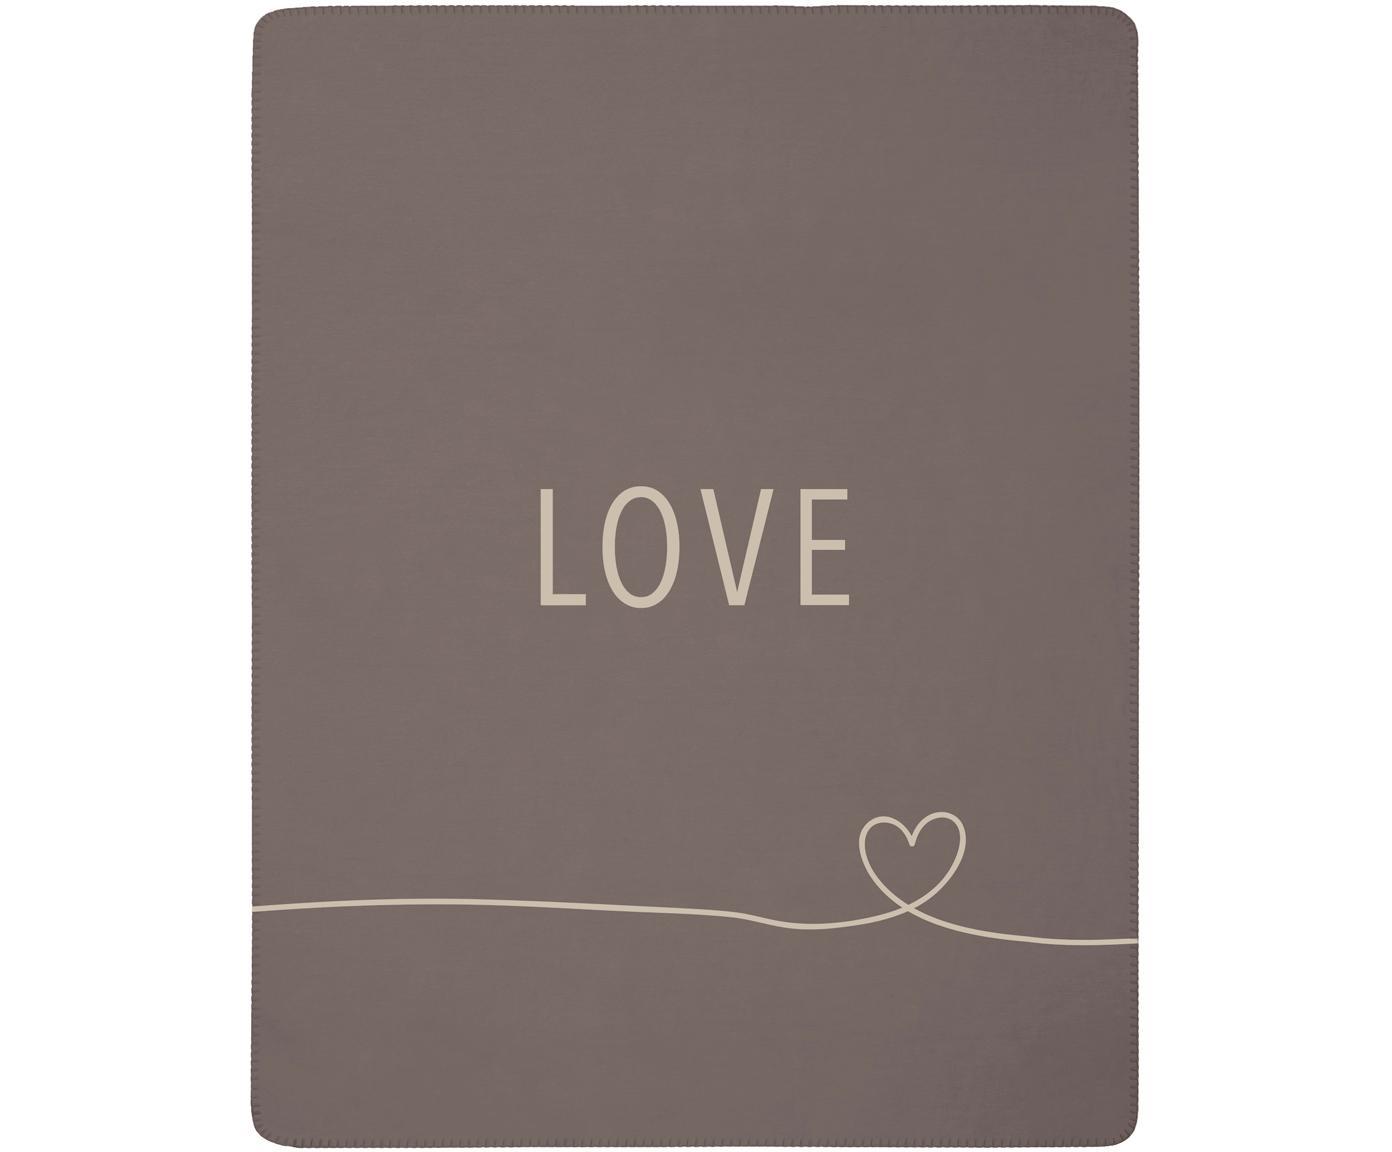 Flauschiges Fleece-Plaid Love mit Aufschrift und Motiv, 58%Baumwolle, 32%Polyacryl, 10%Polyester, Taupe, Beige, 150 x 200 cm